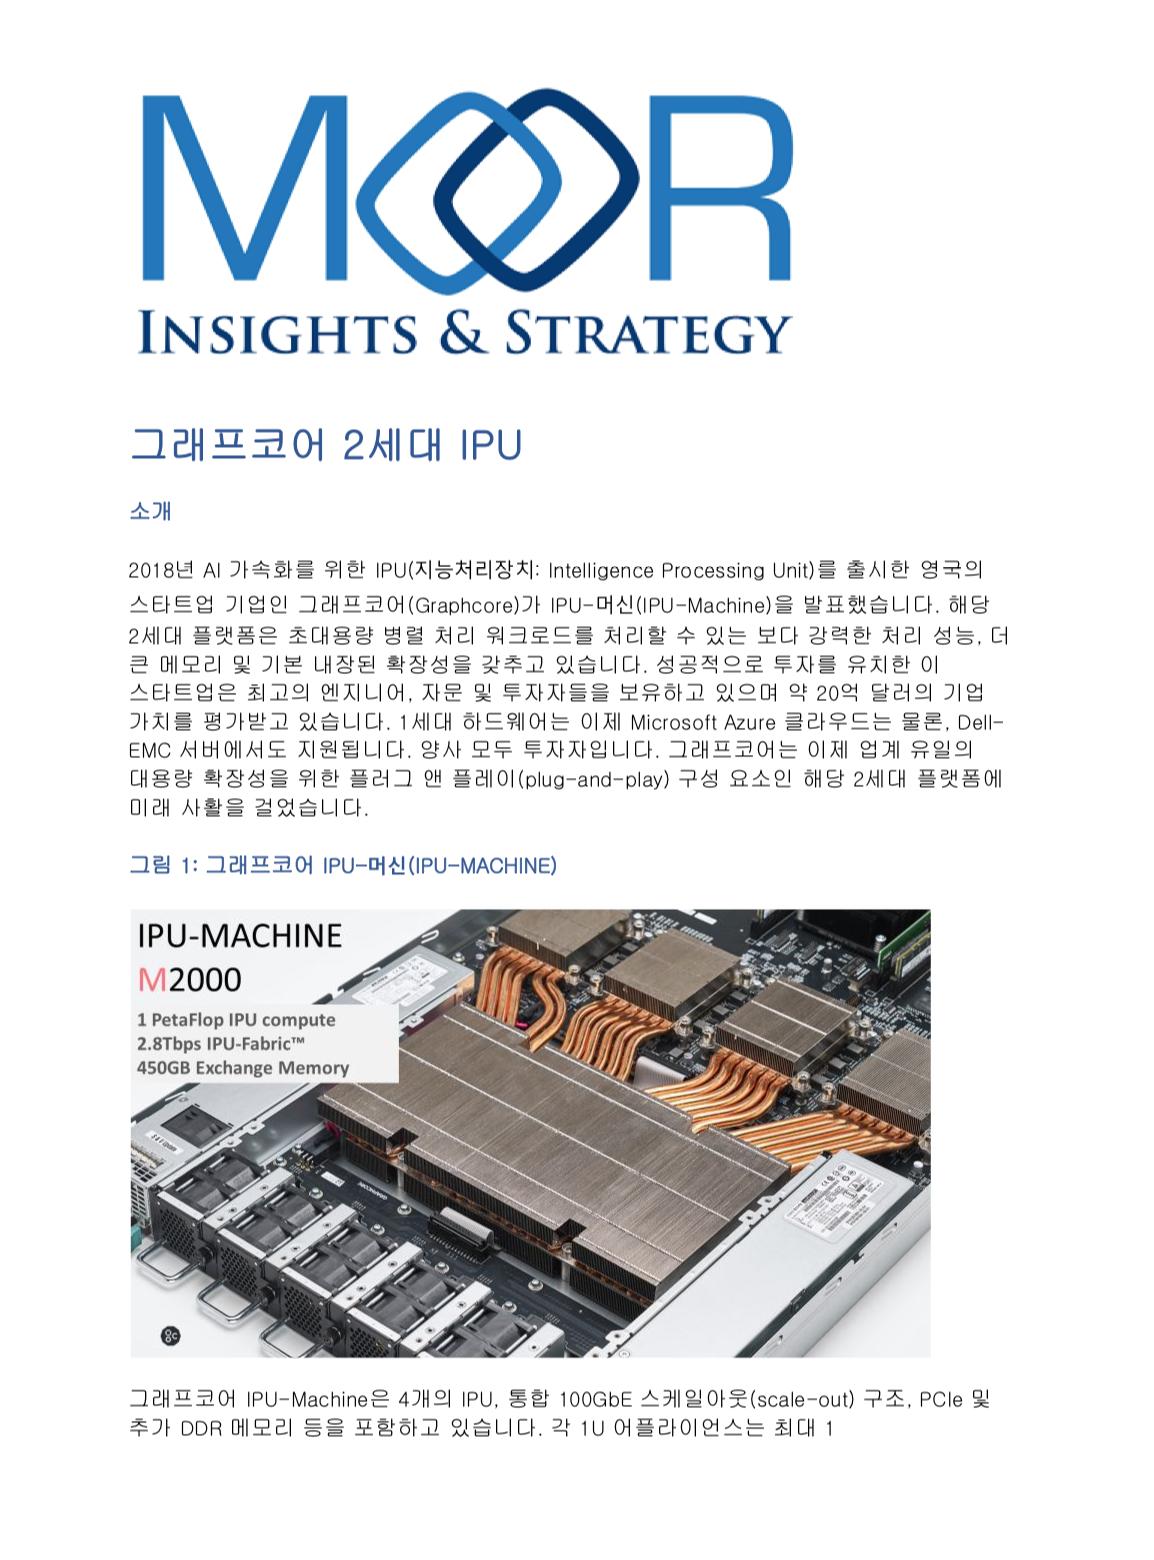 그래프코어의 엔터프라이즈 AI용 2세대 IPU 시스템에 대한 자세한 내용을 확인해 보십시오